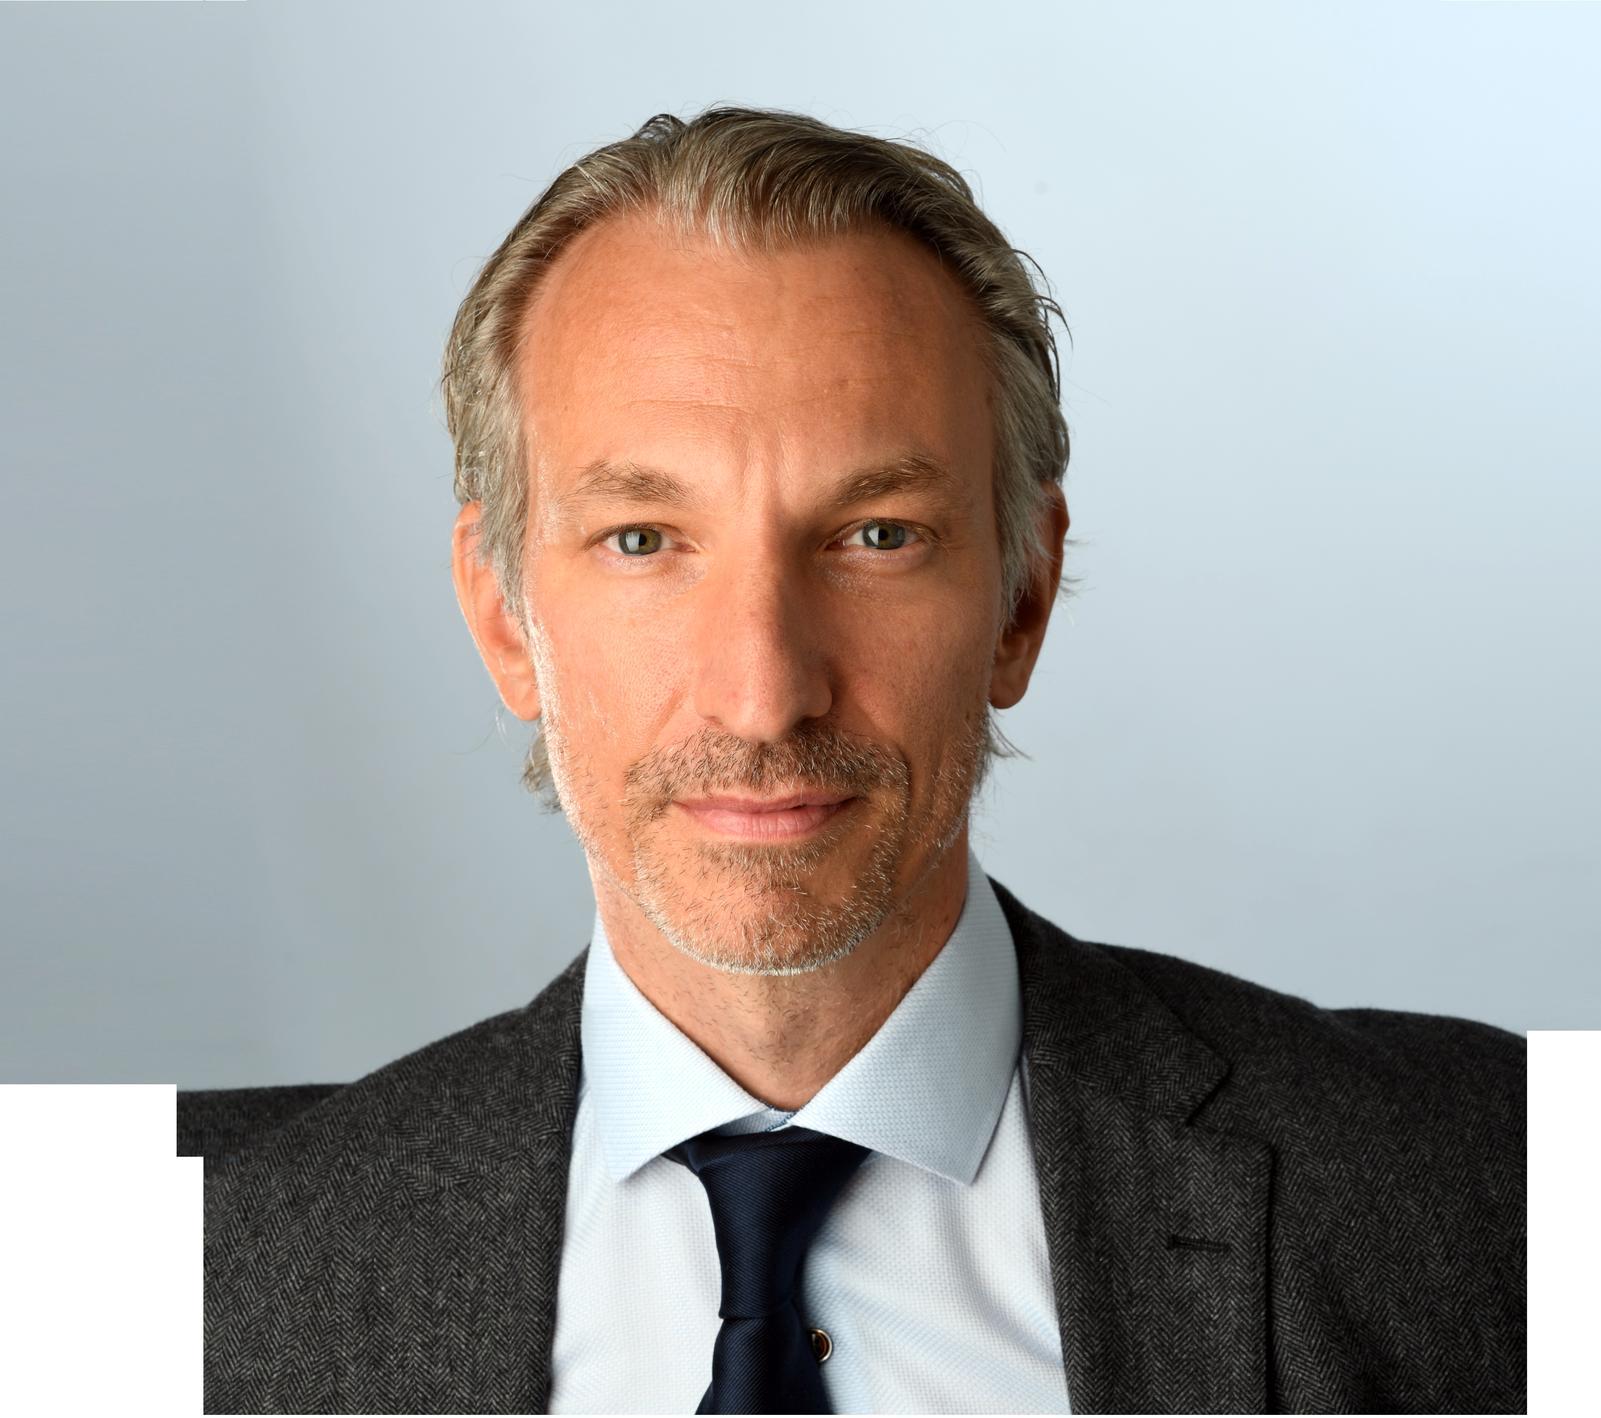 Joachim Andrassy